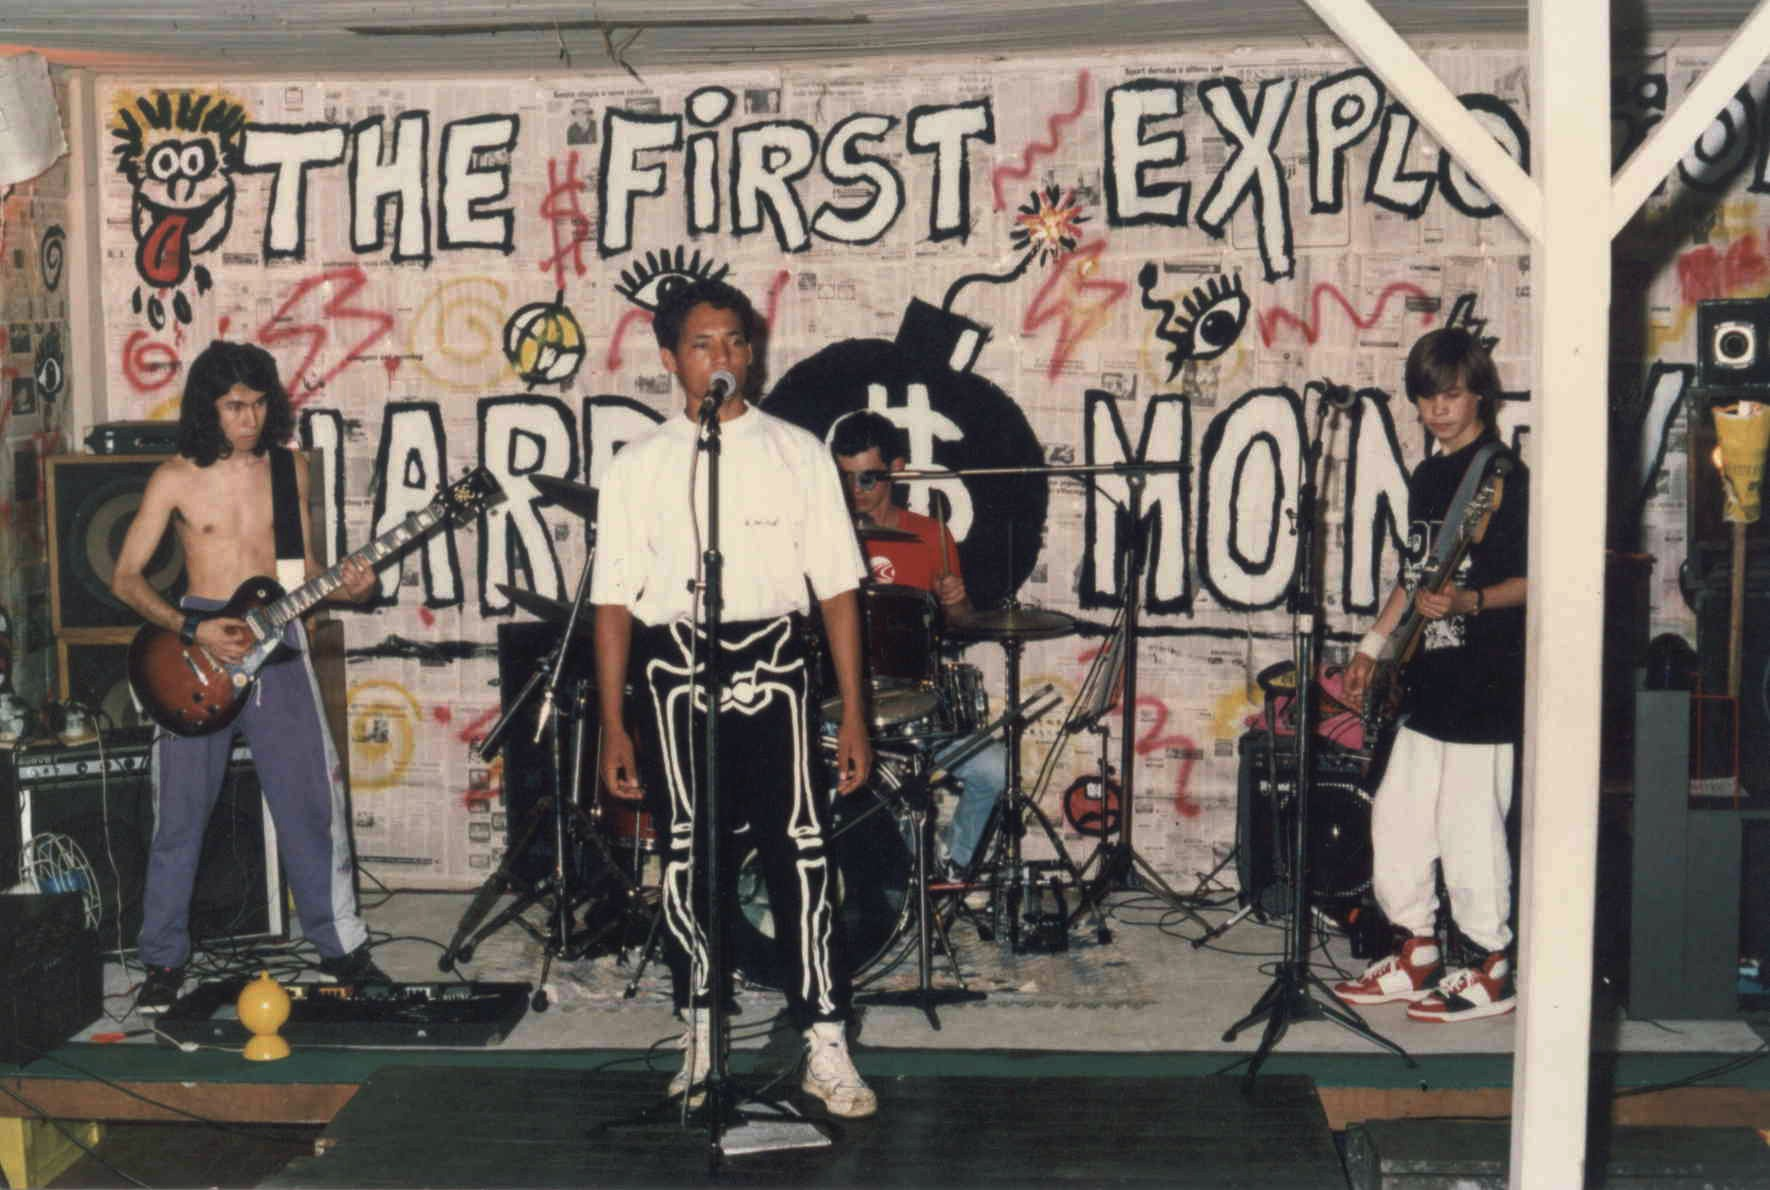 Foto revela o primeiro show da banda